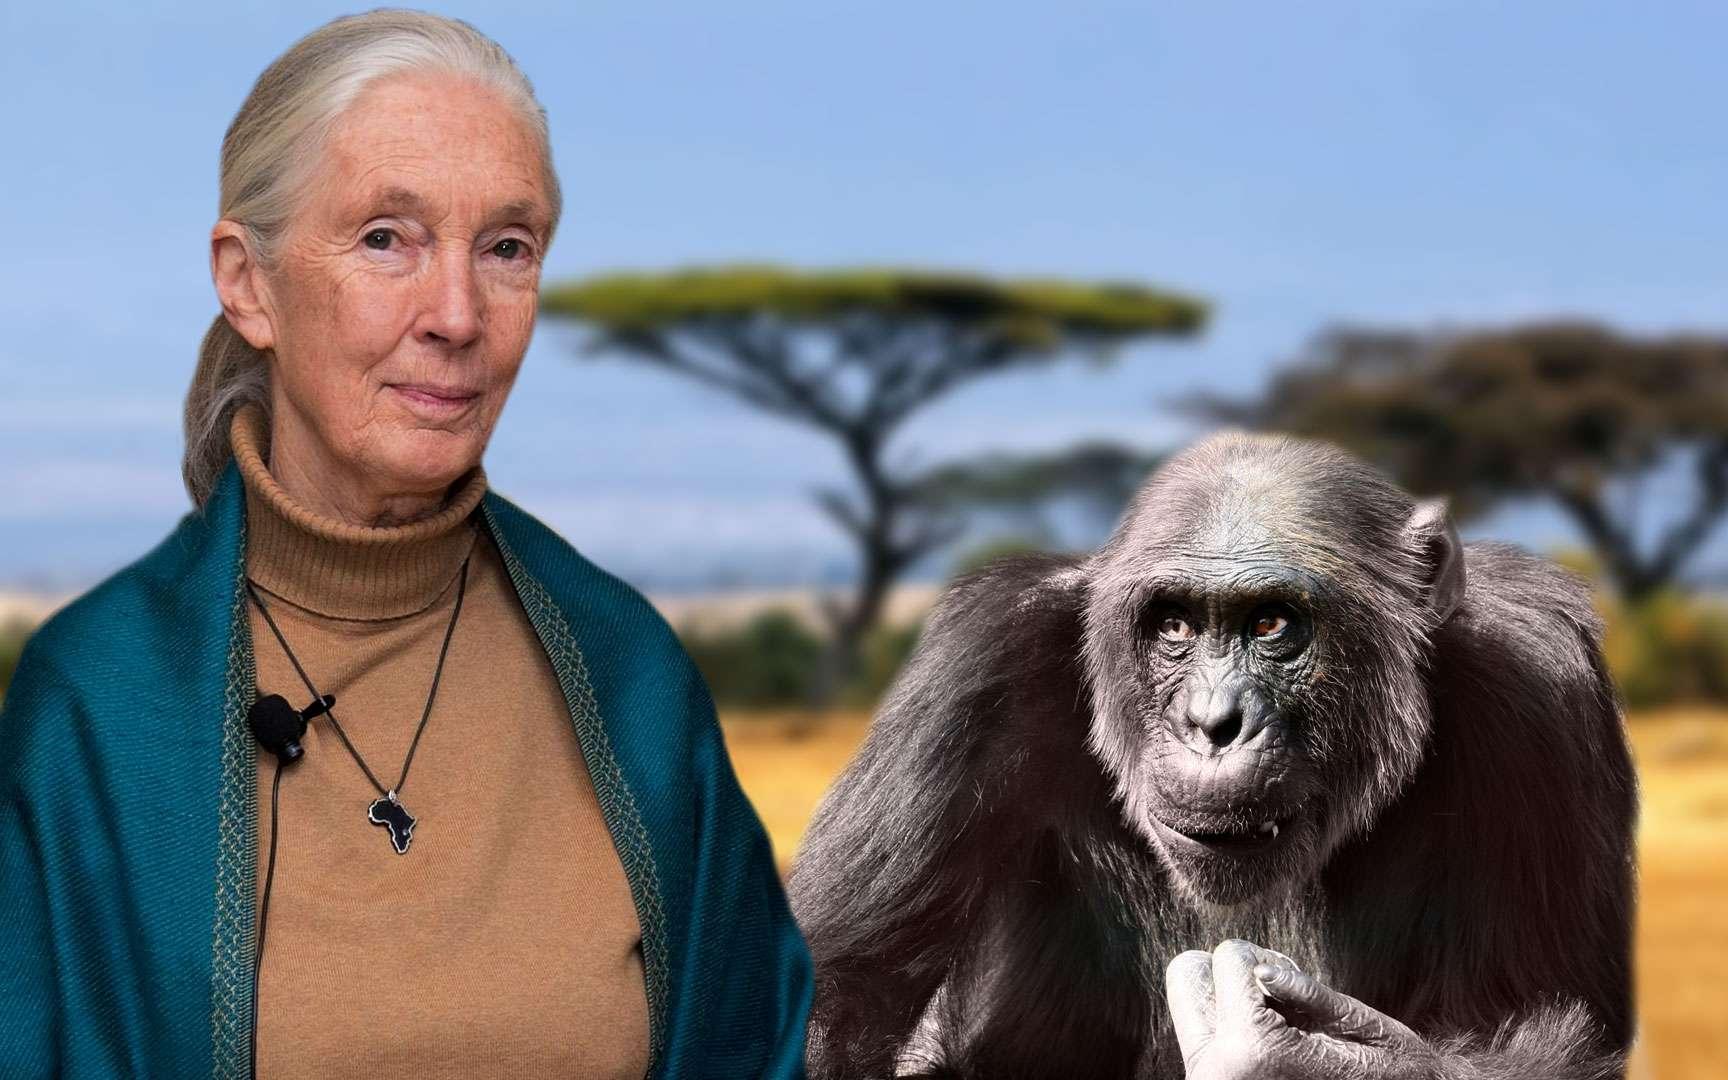 Barbara McClintock (1902-1992), américaine, est pionnière de la « cytogénétique », c'est-à-dire l'étude de la génétique au sein même de la cellule. Elle consacra sa carrière à l'étude des chromosomes de maïs, ce qui lui permit de découvrir les phénomènes de recombinaison au cours de la méiose, le lien entre les régions chromosomiques et les traits phénotypiques. La découverte de l'existence des transposons, ou « gènes sauteurs », lui valut le prix Nobel de médecine en 1983. © Jean-Pierre Rubinstein, Christiane Tuquet, Christiane Lichtlé, laboratoire Organismes photosynthétiques et environnement, ENS